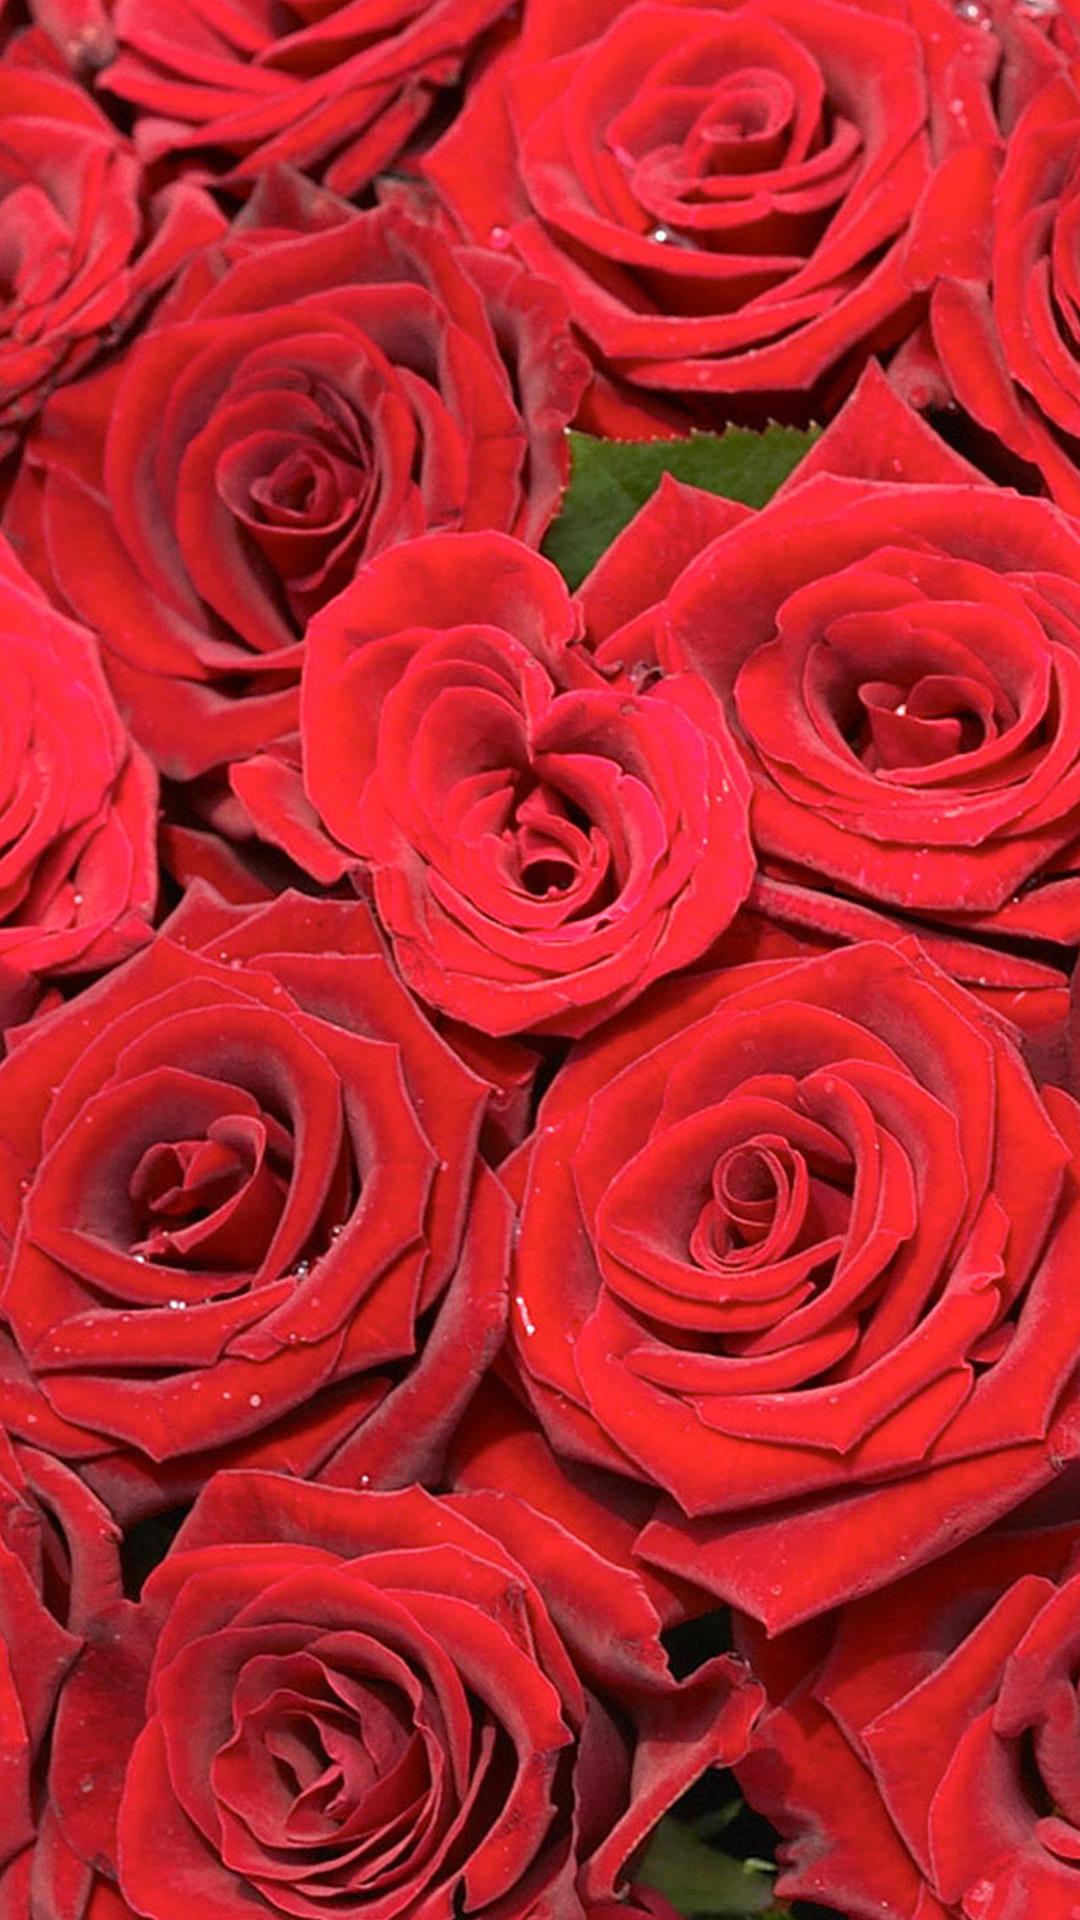 beautiful red rose hd wallpaper iphone 6 plus